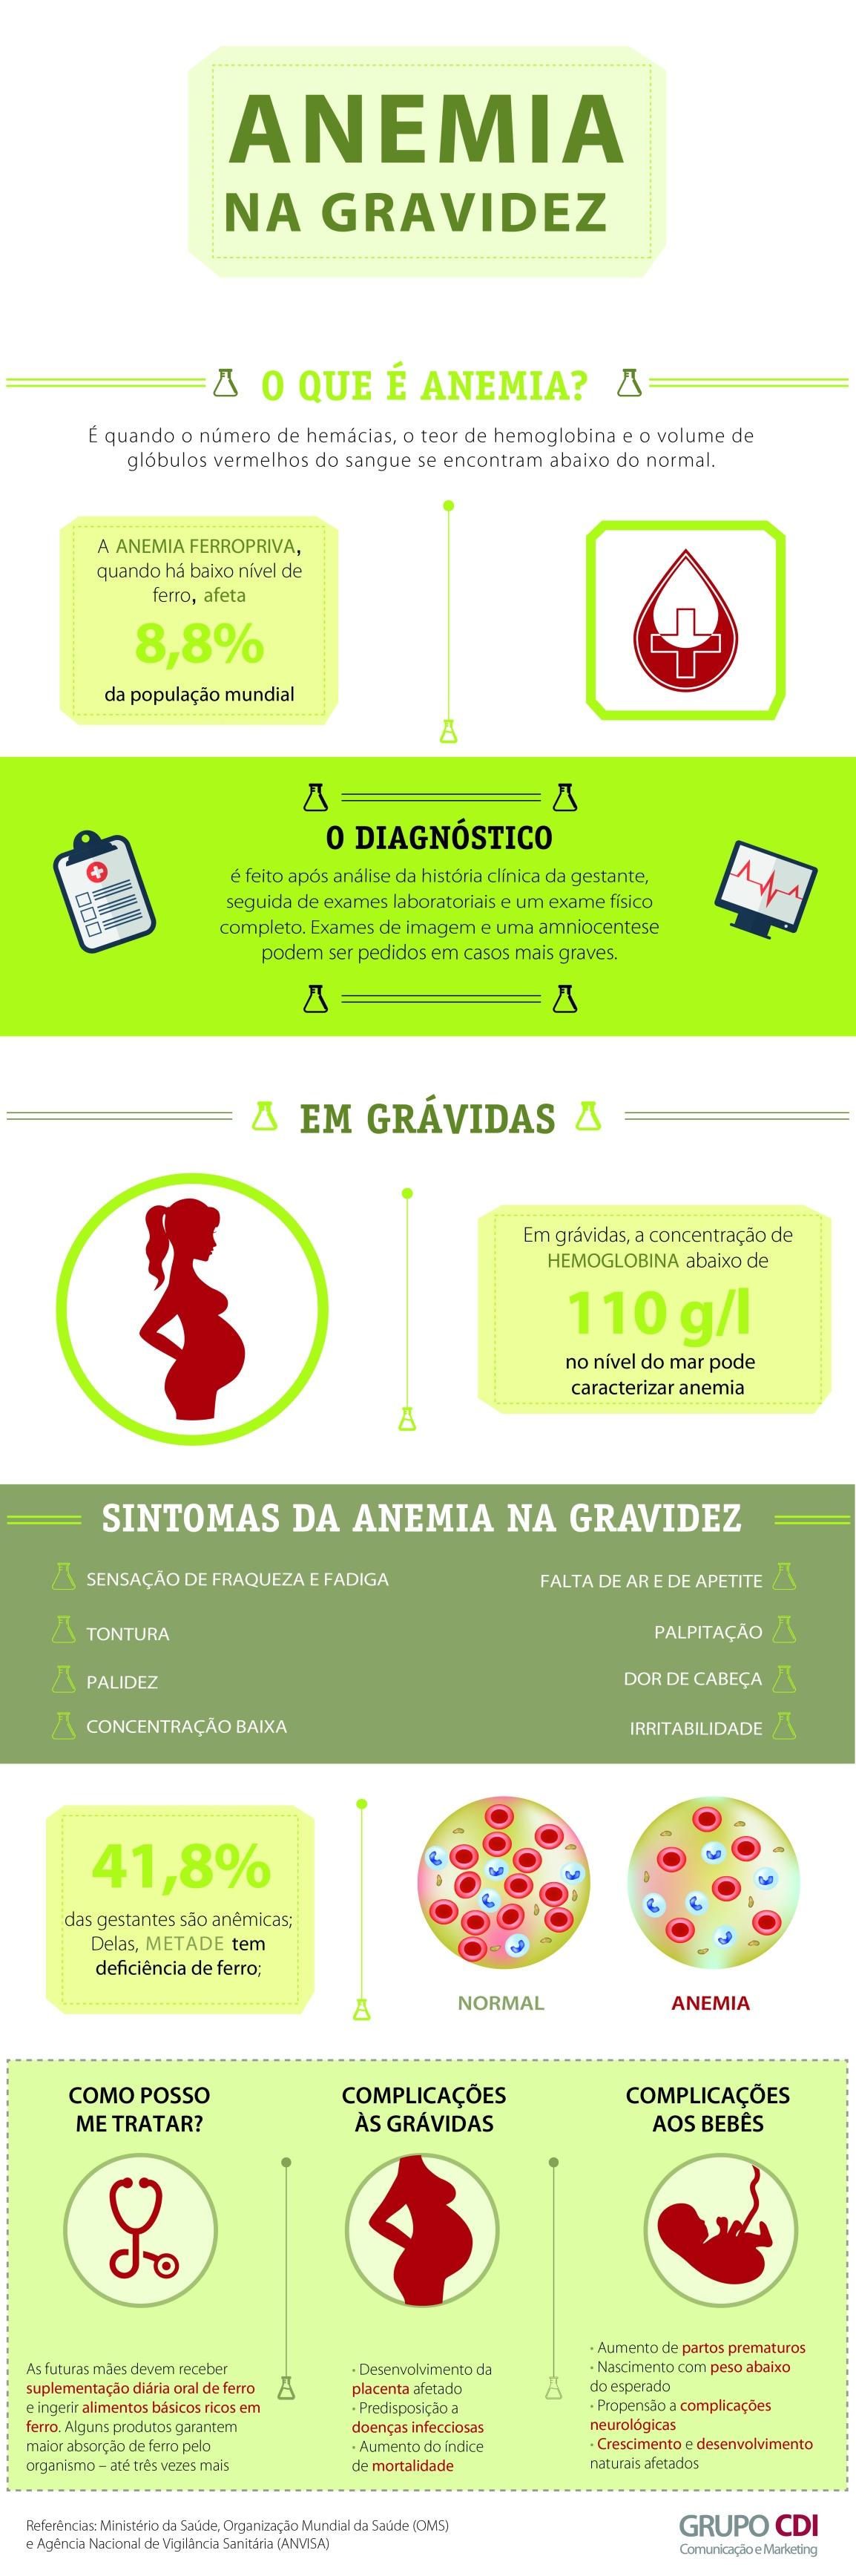 infografico_anemia